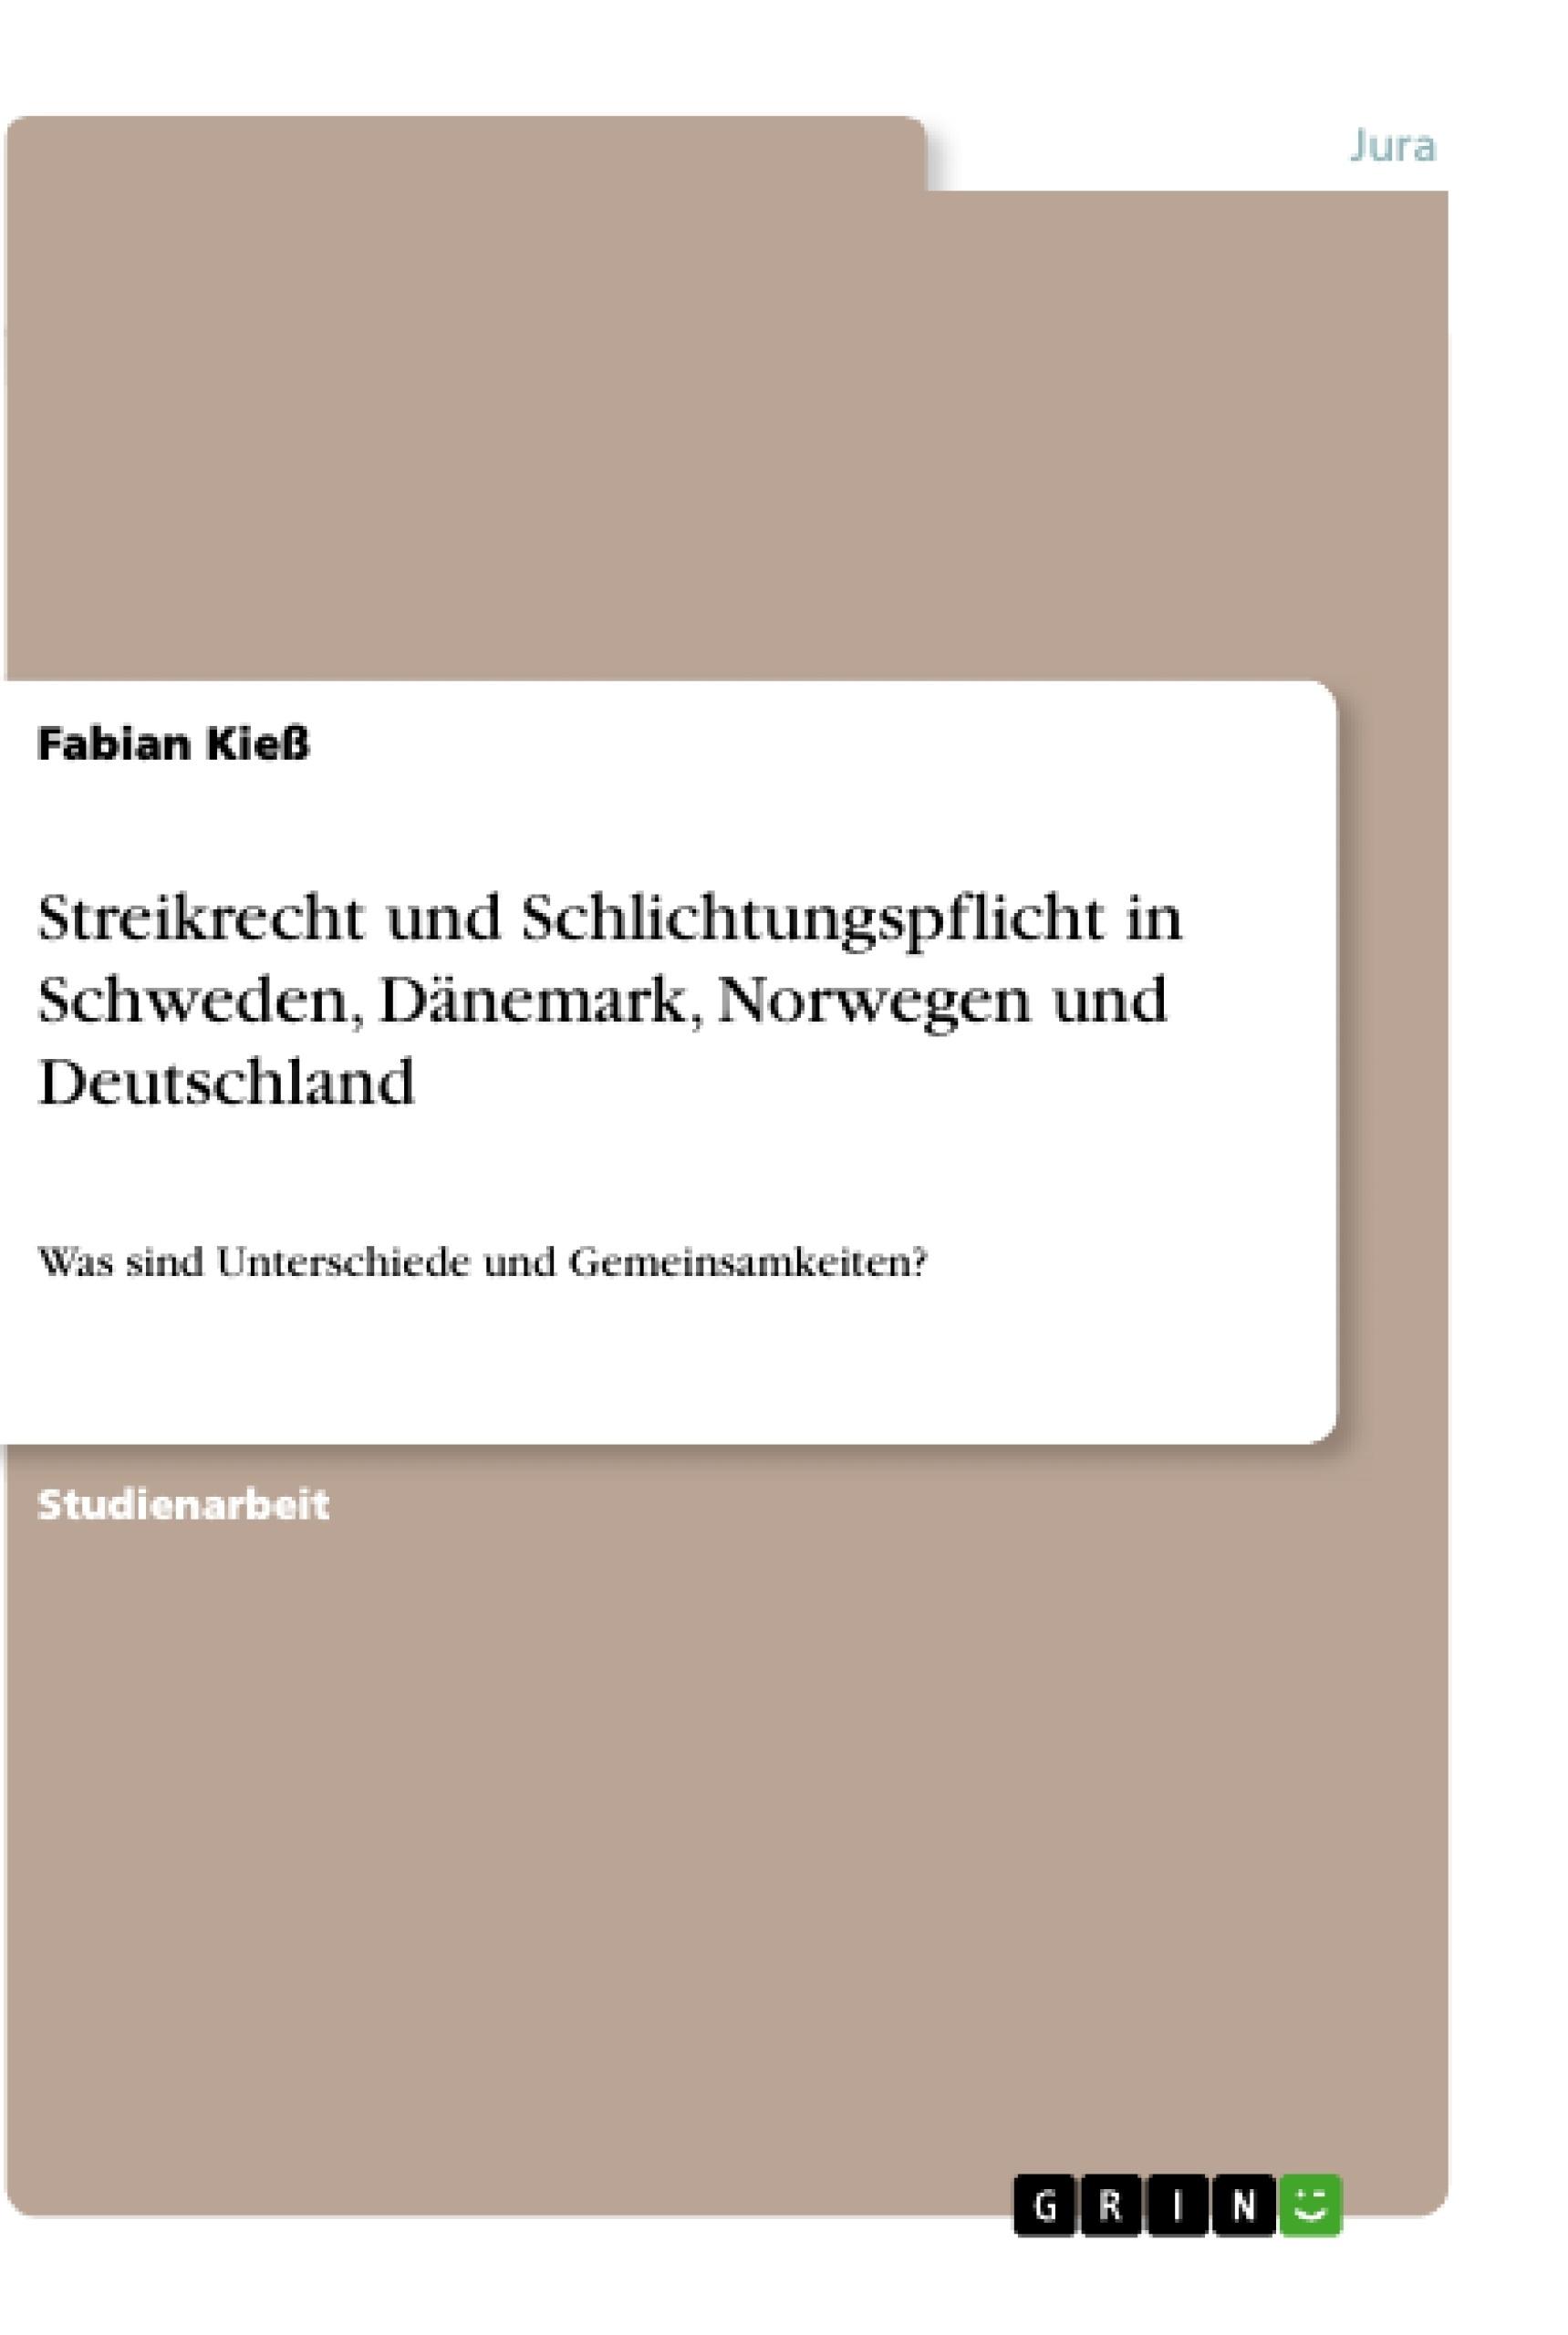 Titel: Streikrecht und Schlichtungspflicht in Schweden, Dänemark, Norwegen und Deutschland